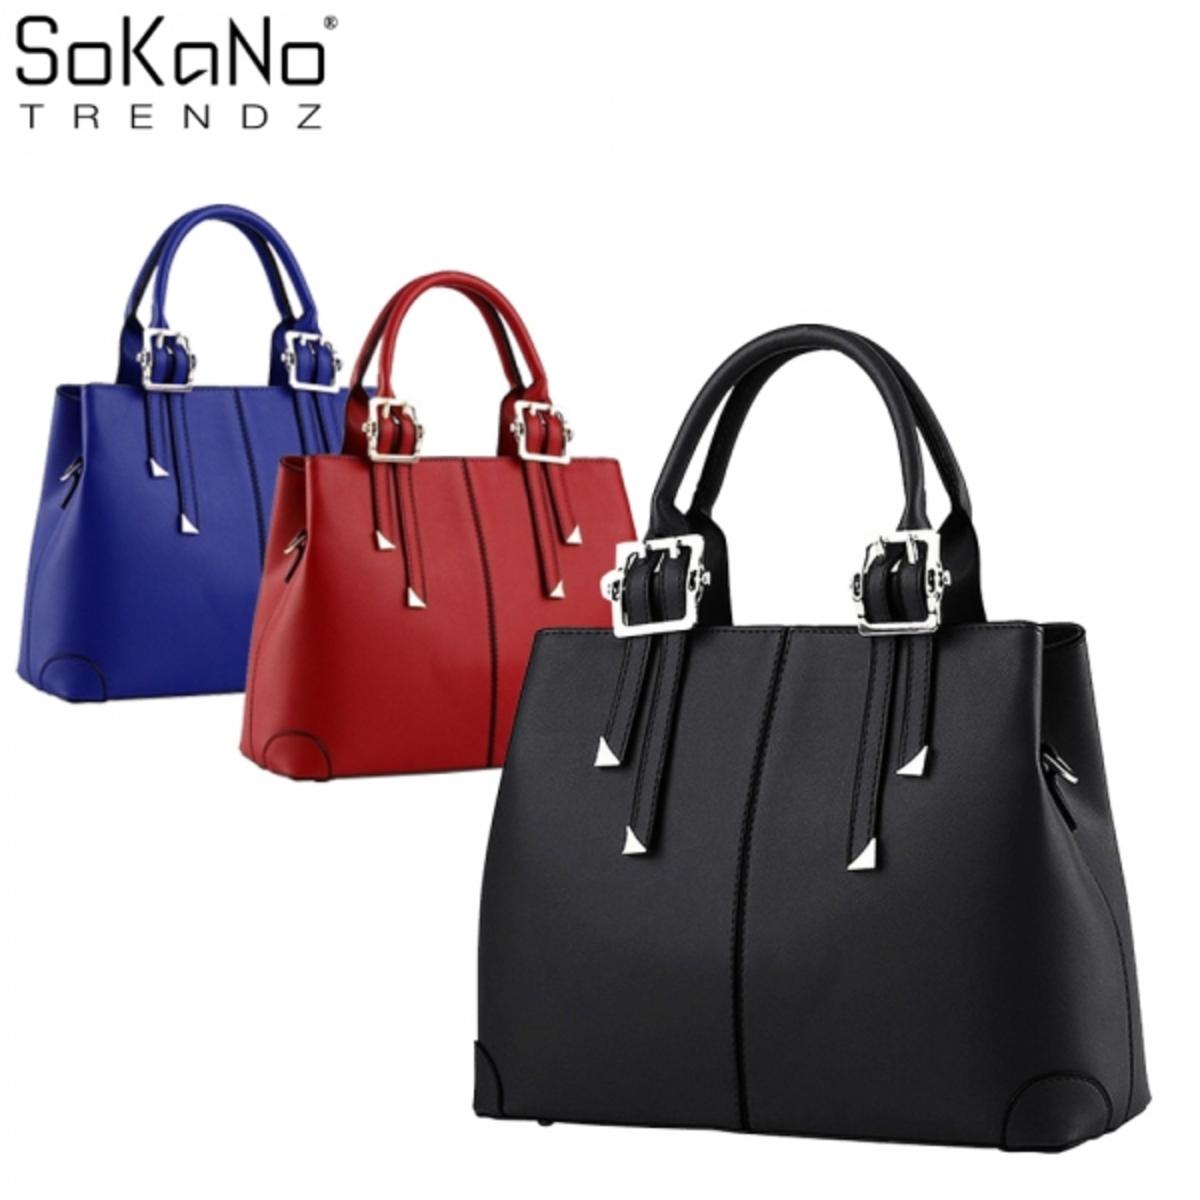 SoKaNo Trendz SKN801 Premium PU Leather Bag  d0d046a5aa